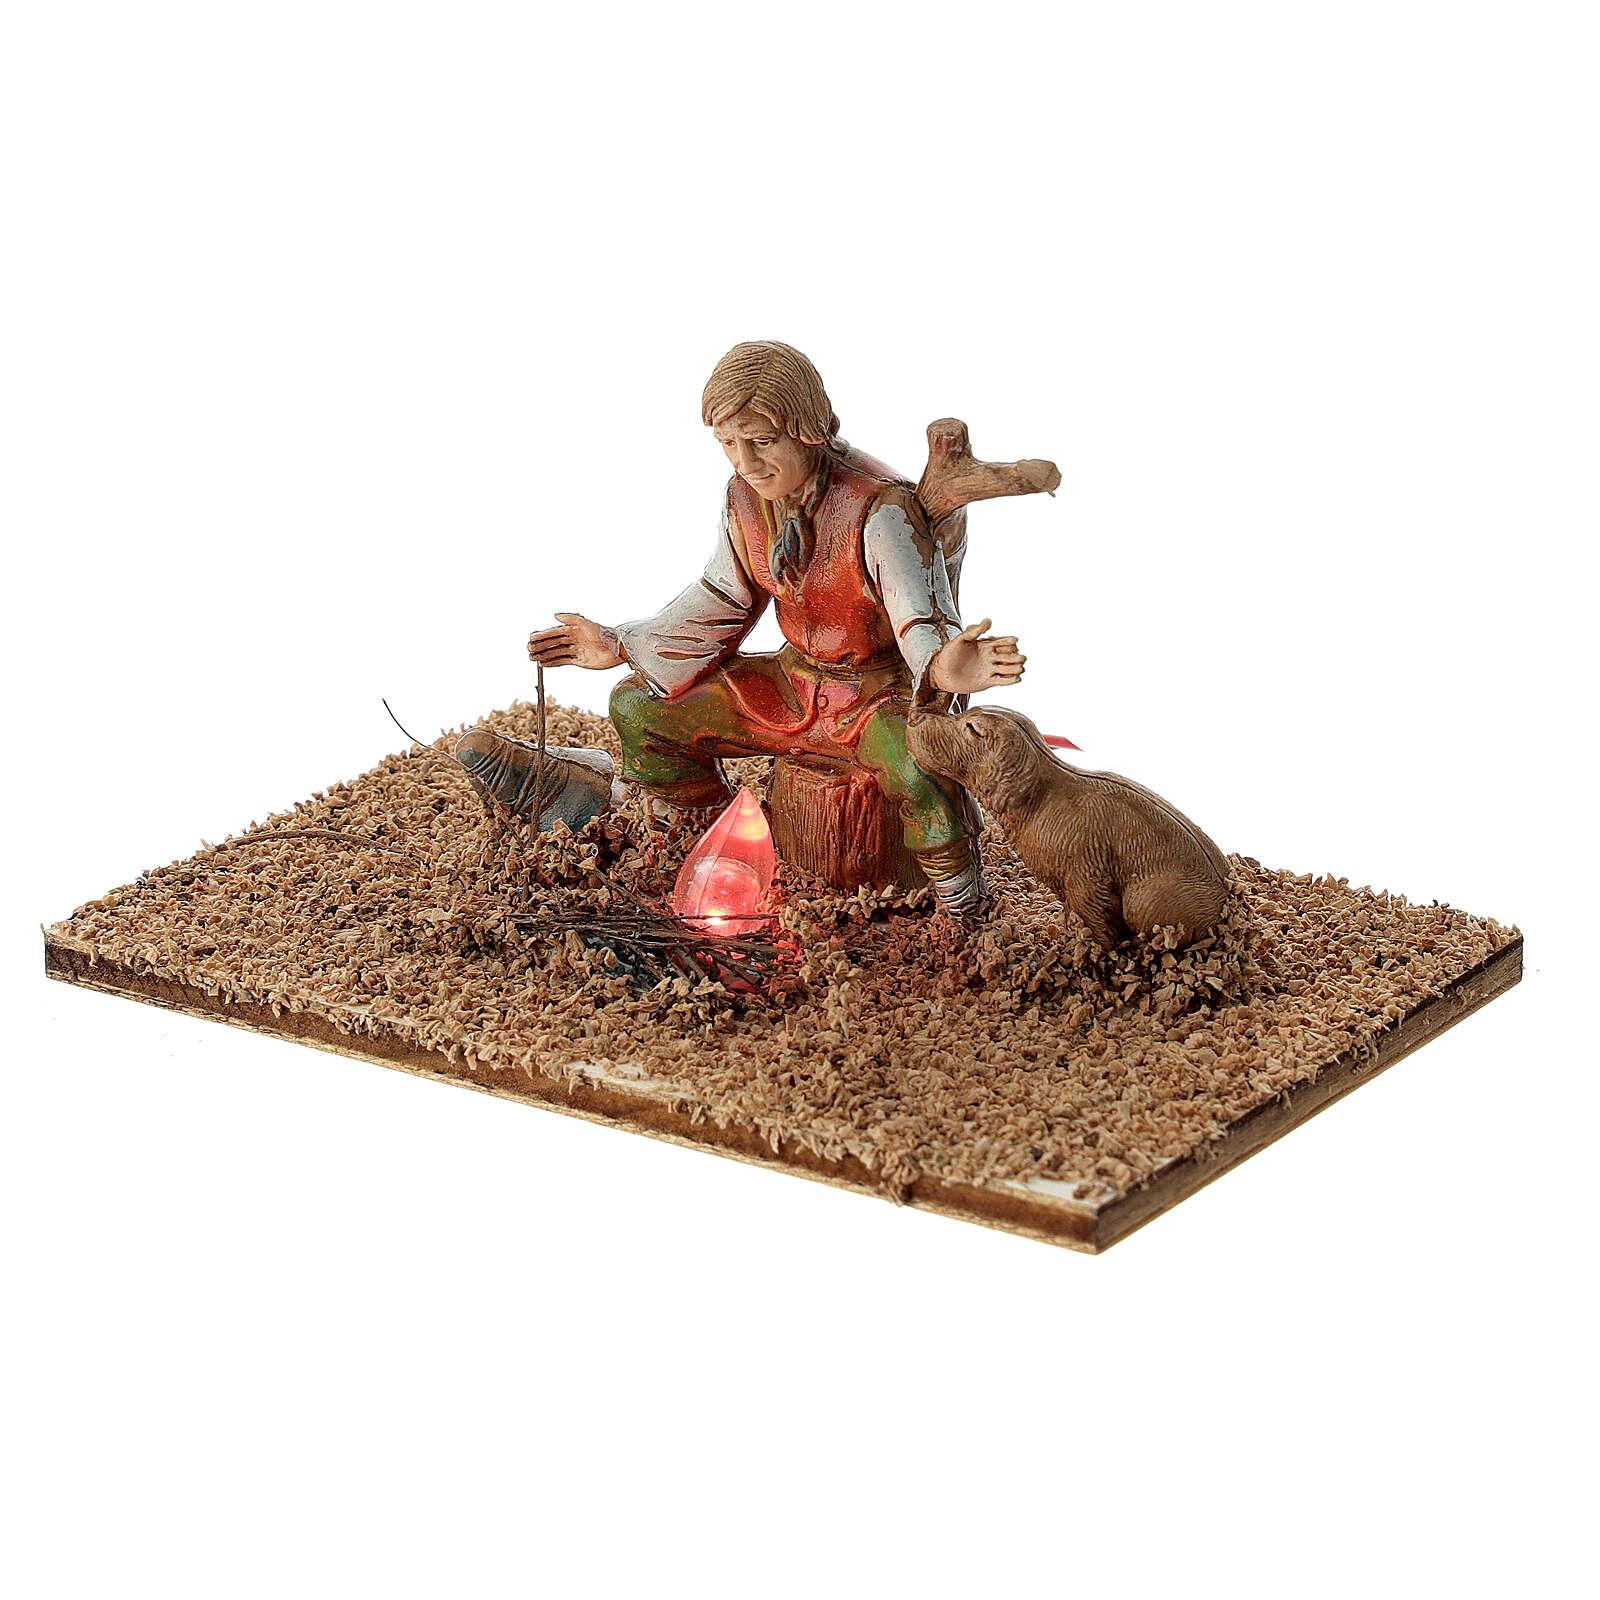 Hirte mit Hund und Lampe Flammeneffekt für 10 cm Moranduzzo Krippe 4